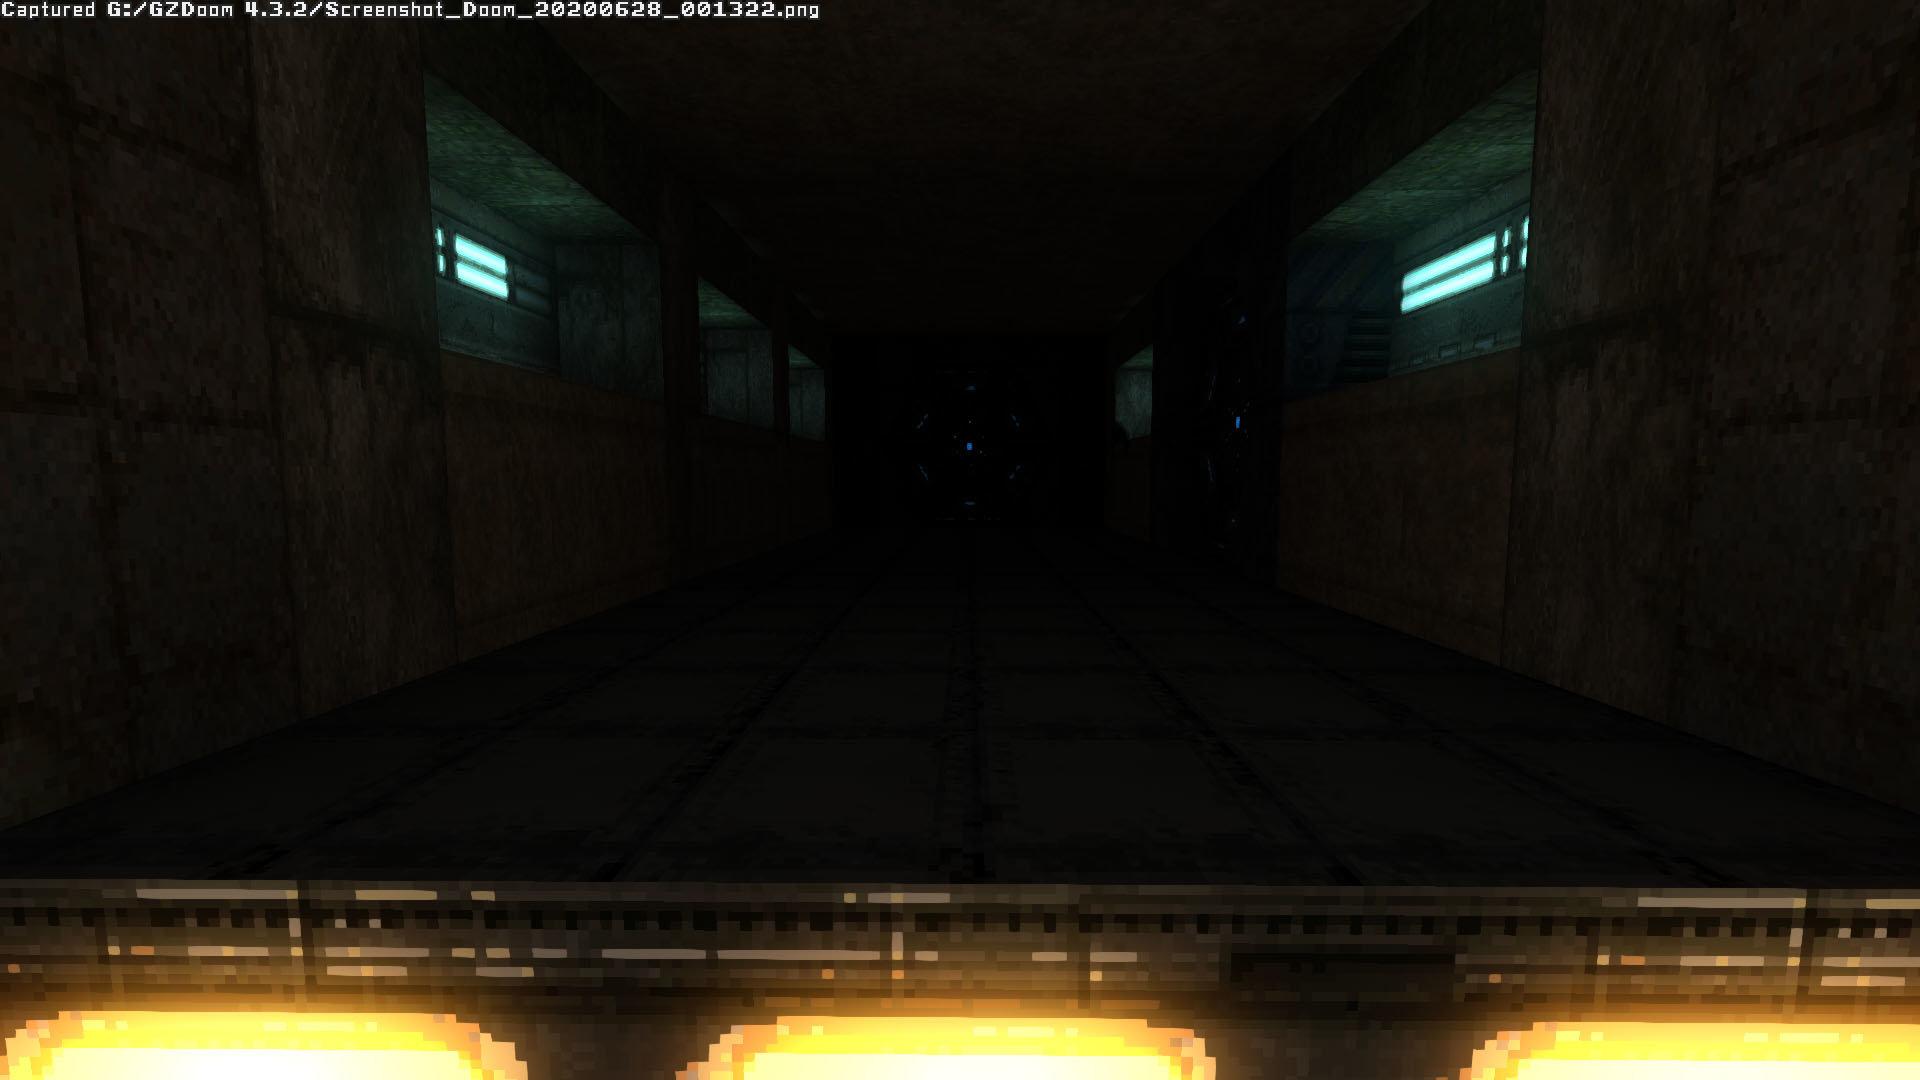 Screen3.jpg.a6393b0d92c050e3690301edd58a1849.jpg